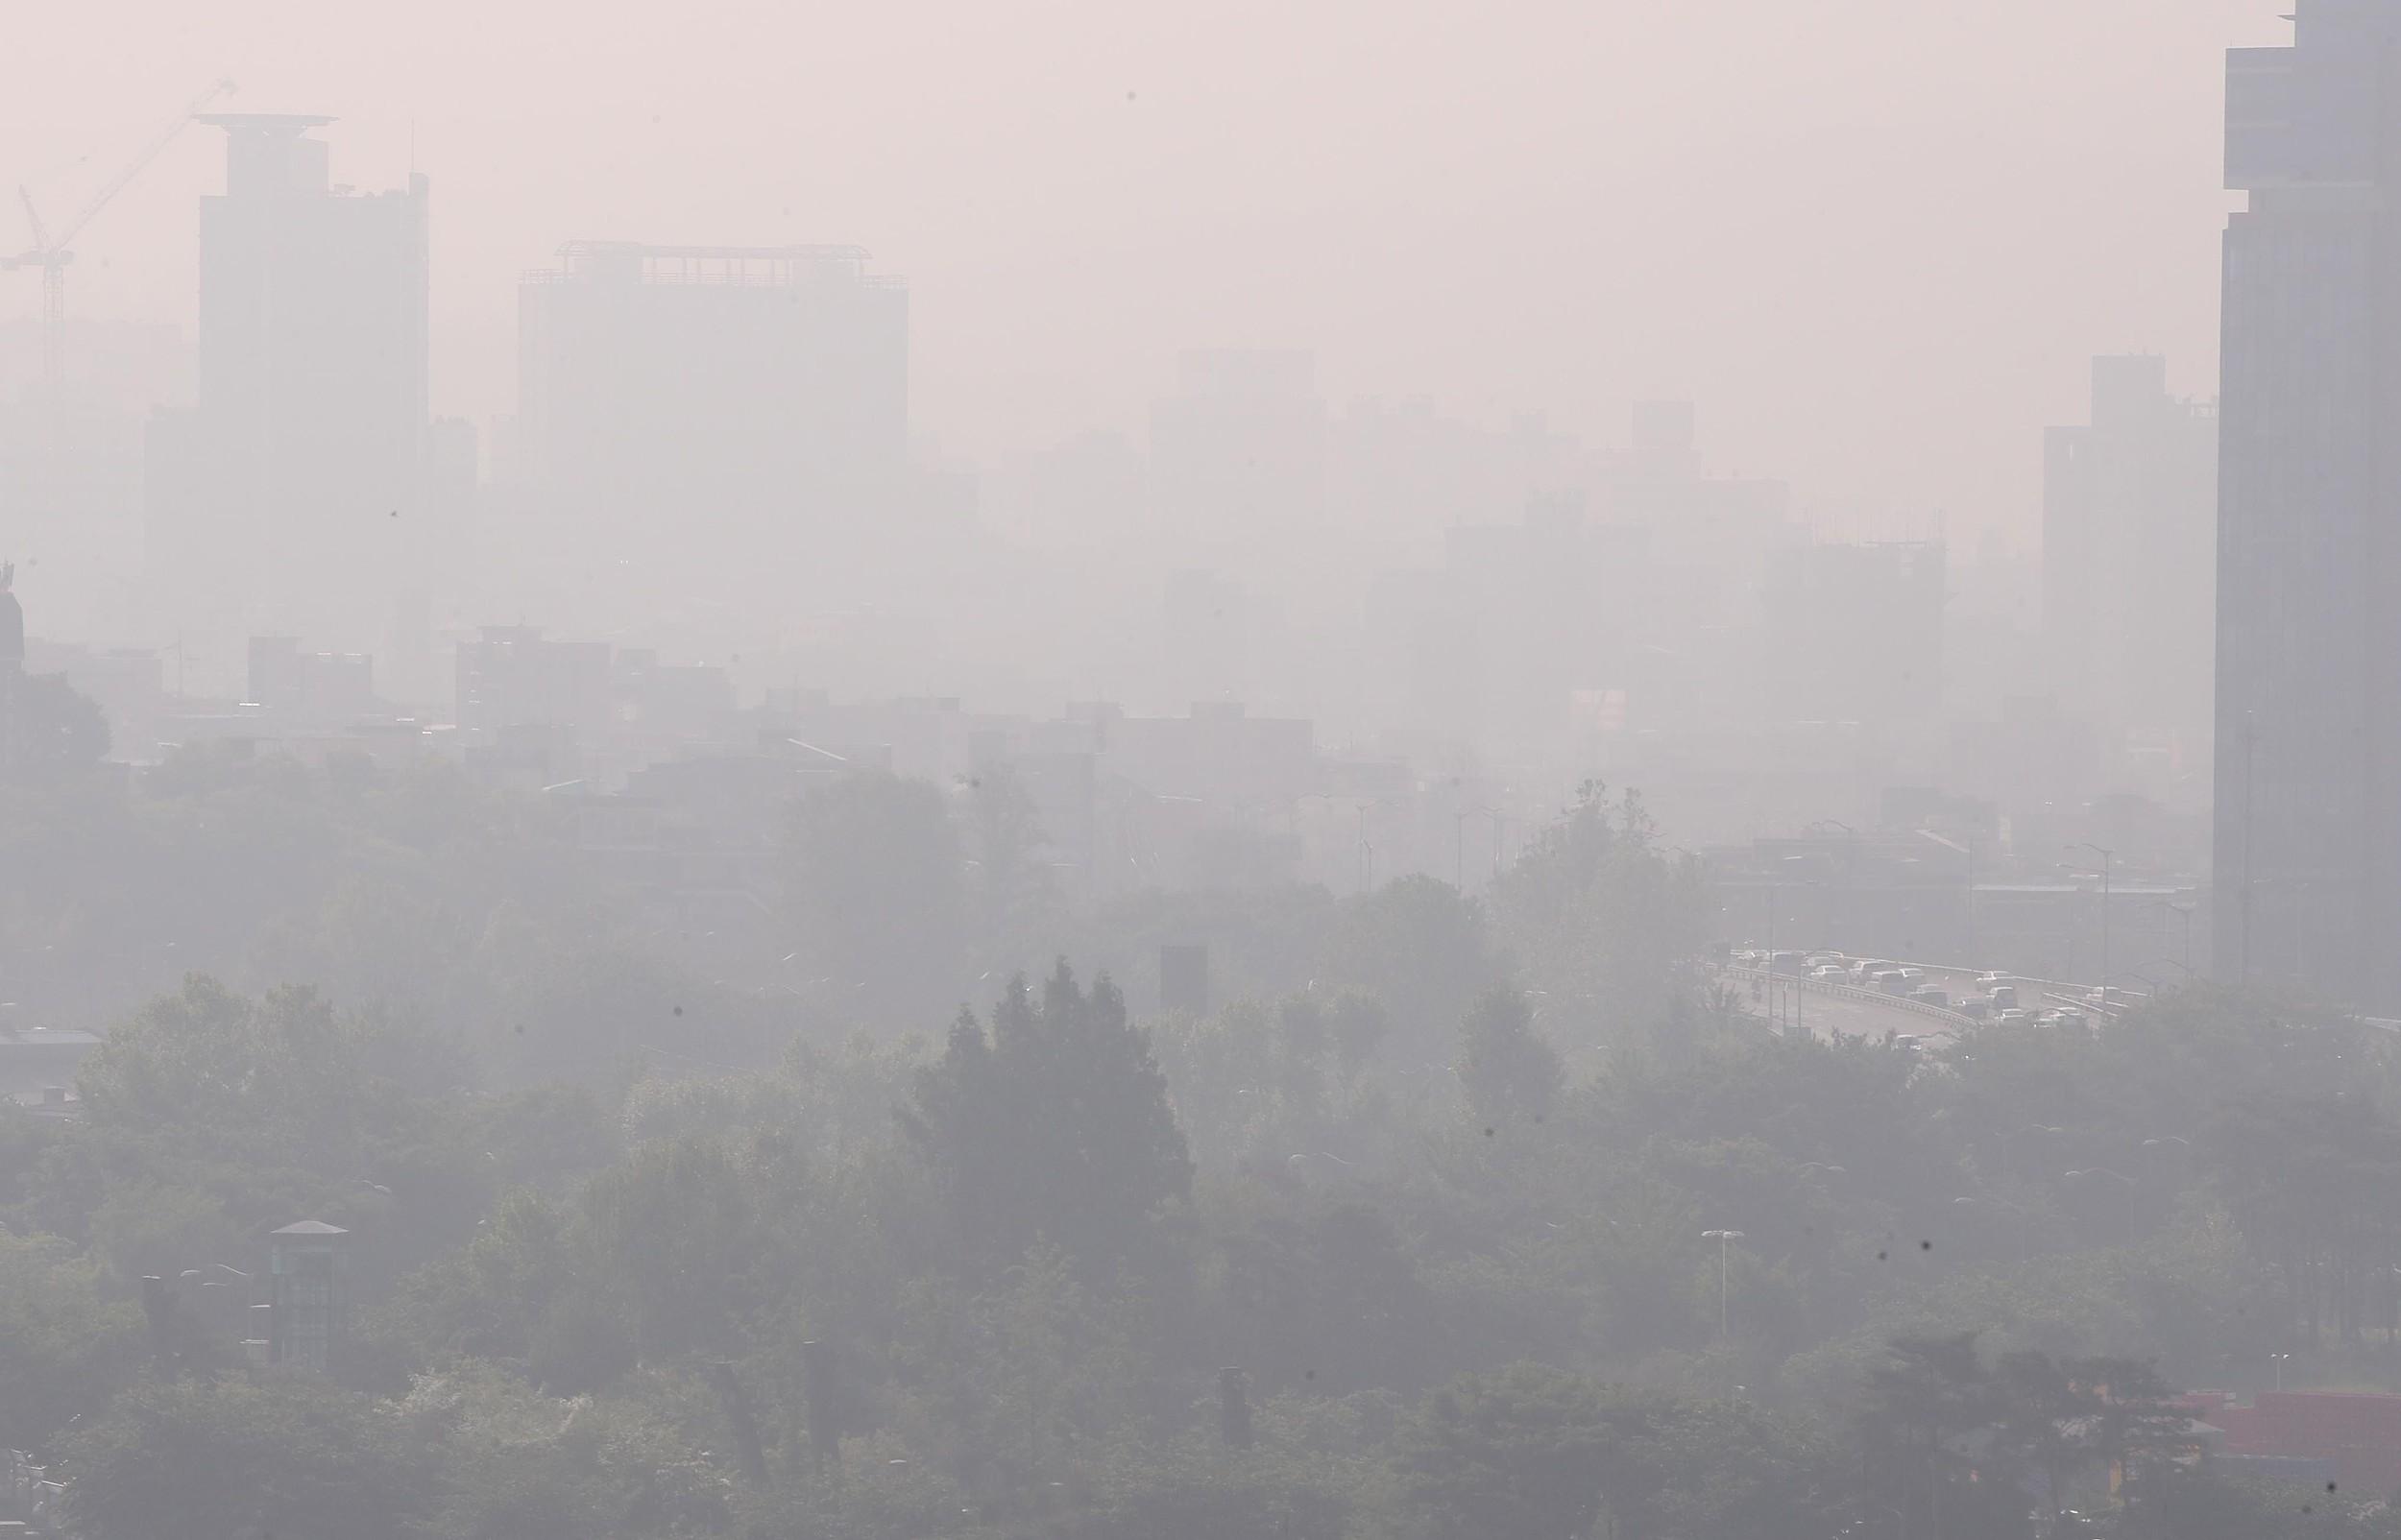 韩国首尔遭雾霾侵袭 城市陷入一片 混沌